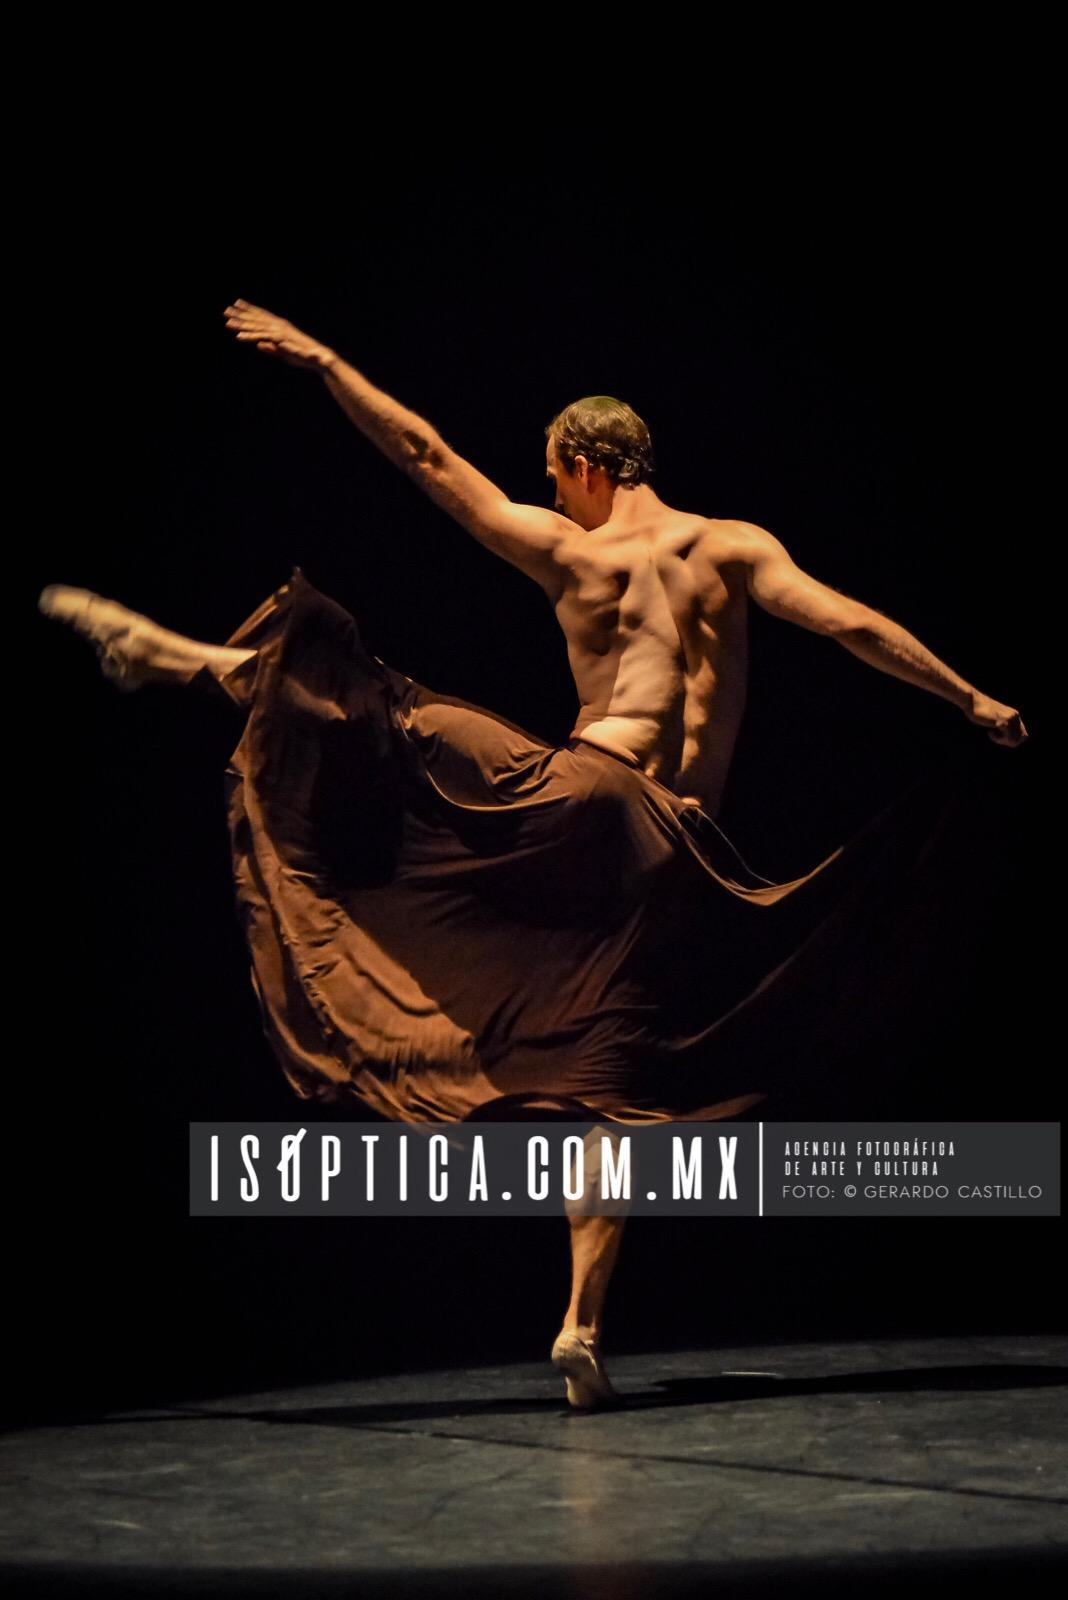 Se presenta la segunda Gala MULTIESTELAR en el Teatro Metropolitano dentro del Ibérica Contemporánea IMG_2110